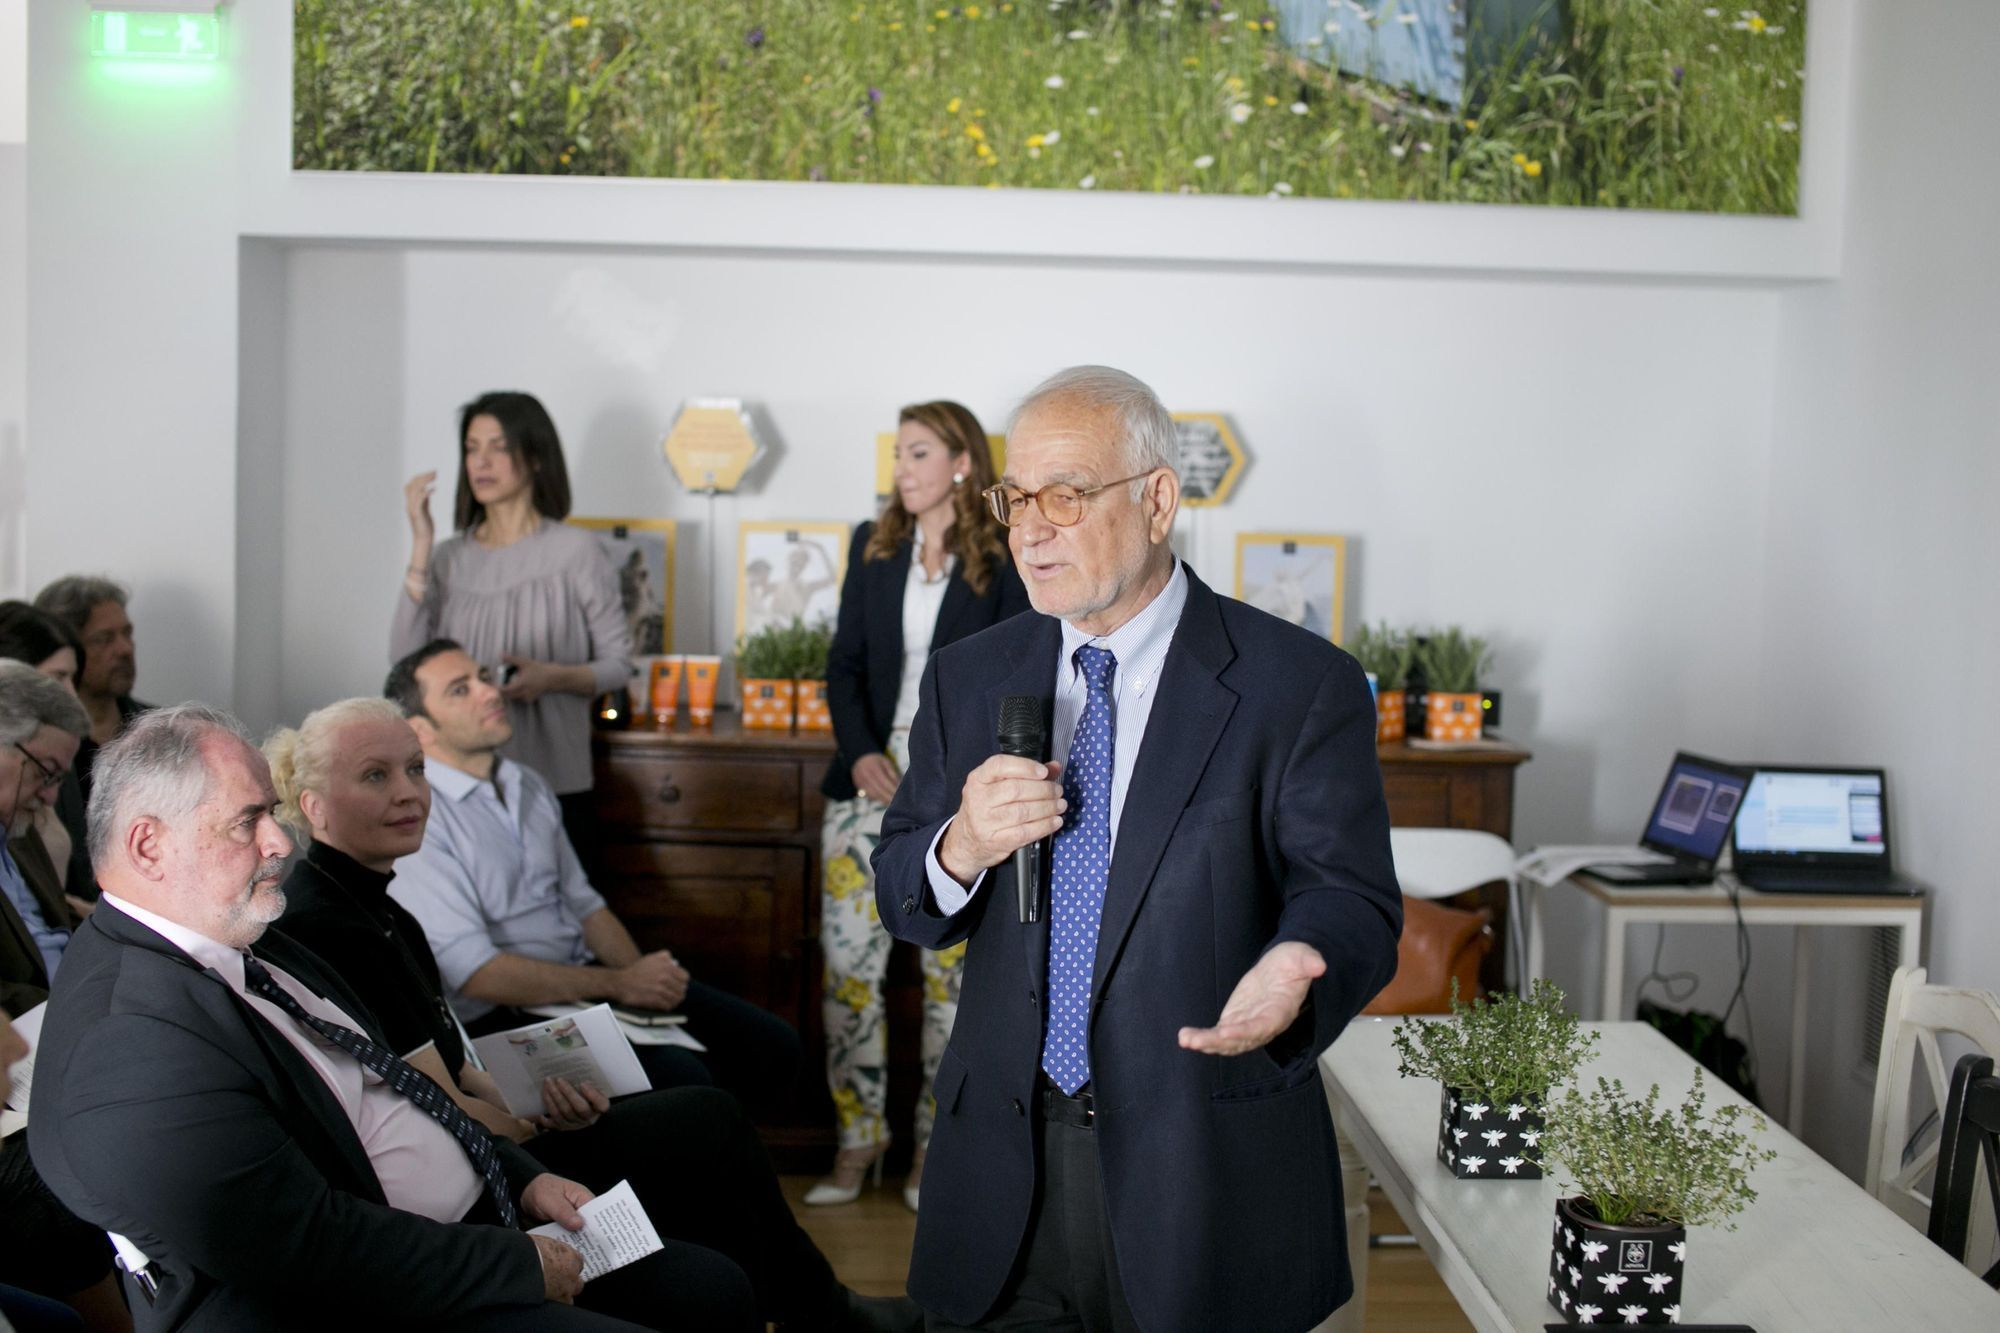 Νίκος Κουτσιανάς, πρόεδρος & διευθύνων σύμβουλος, APIVITA